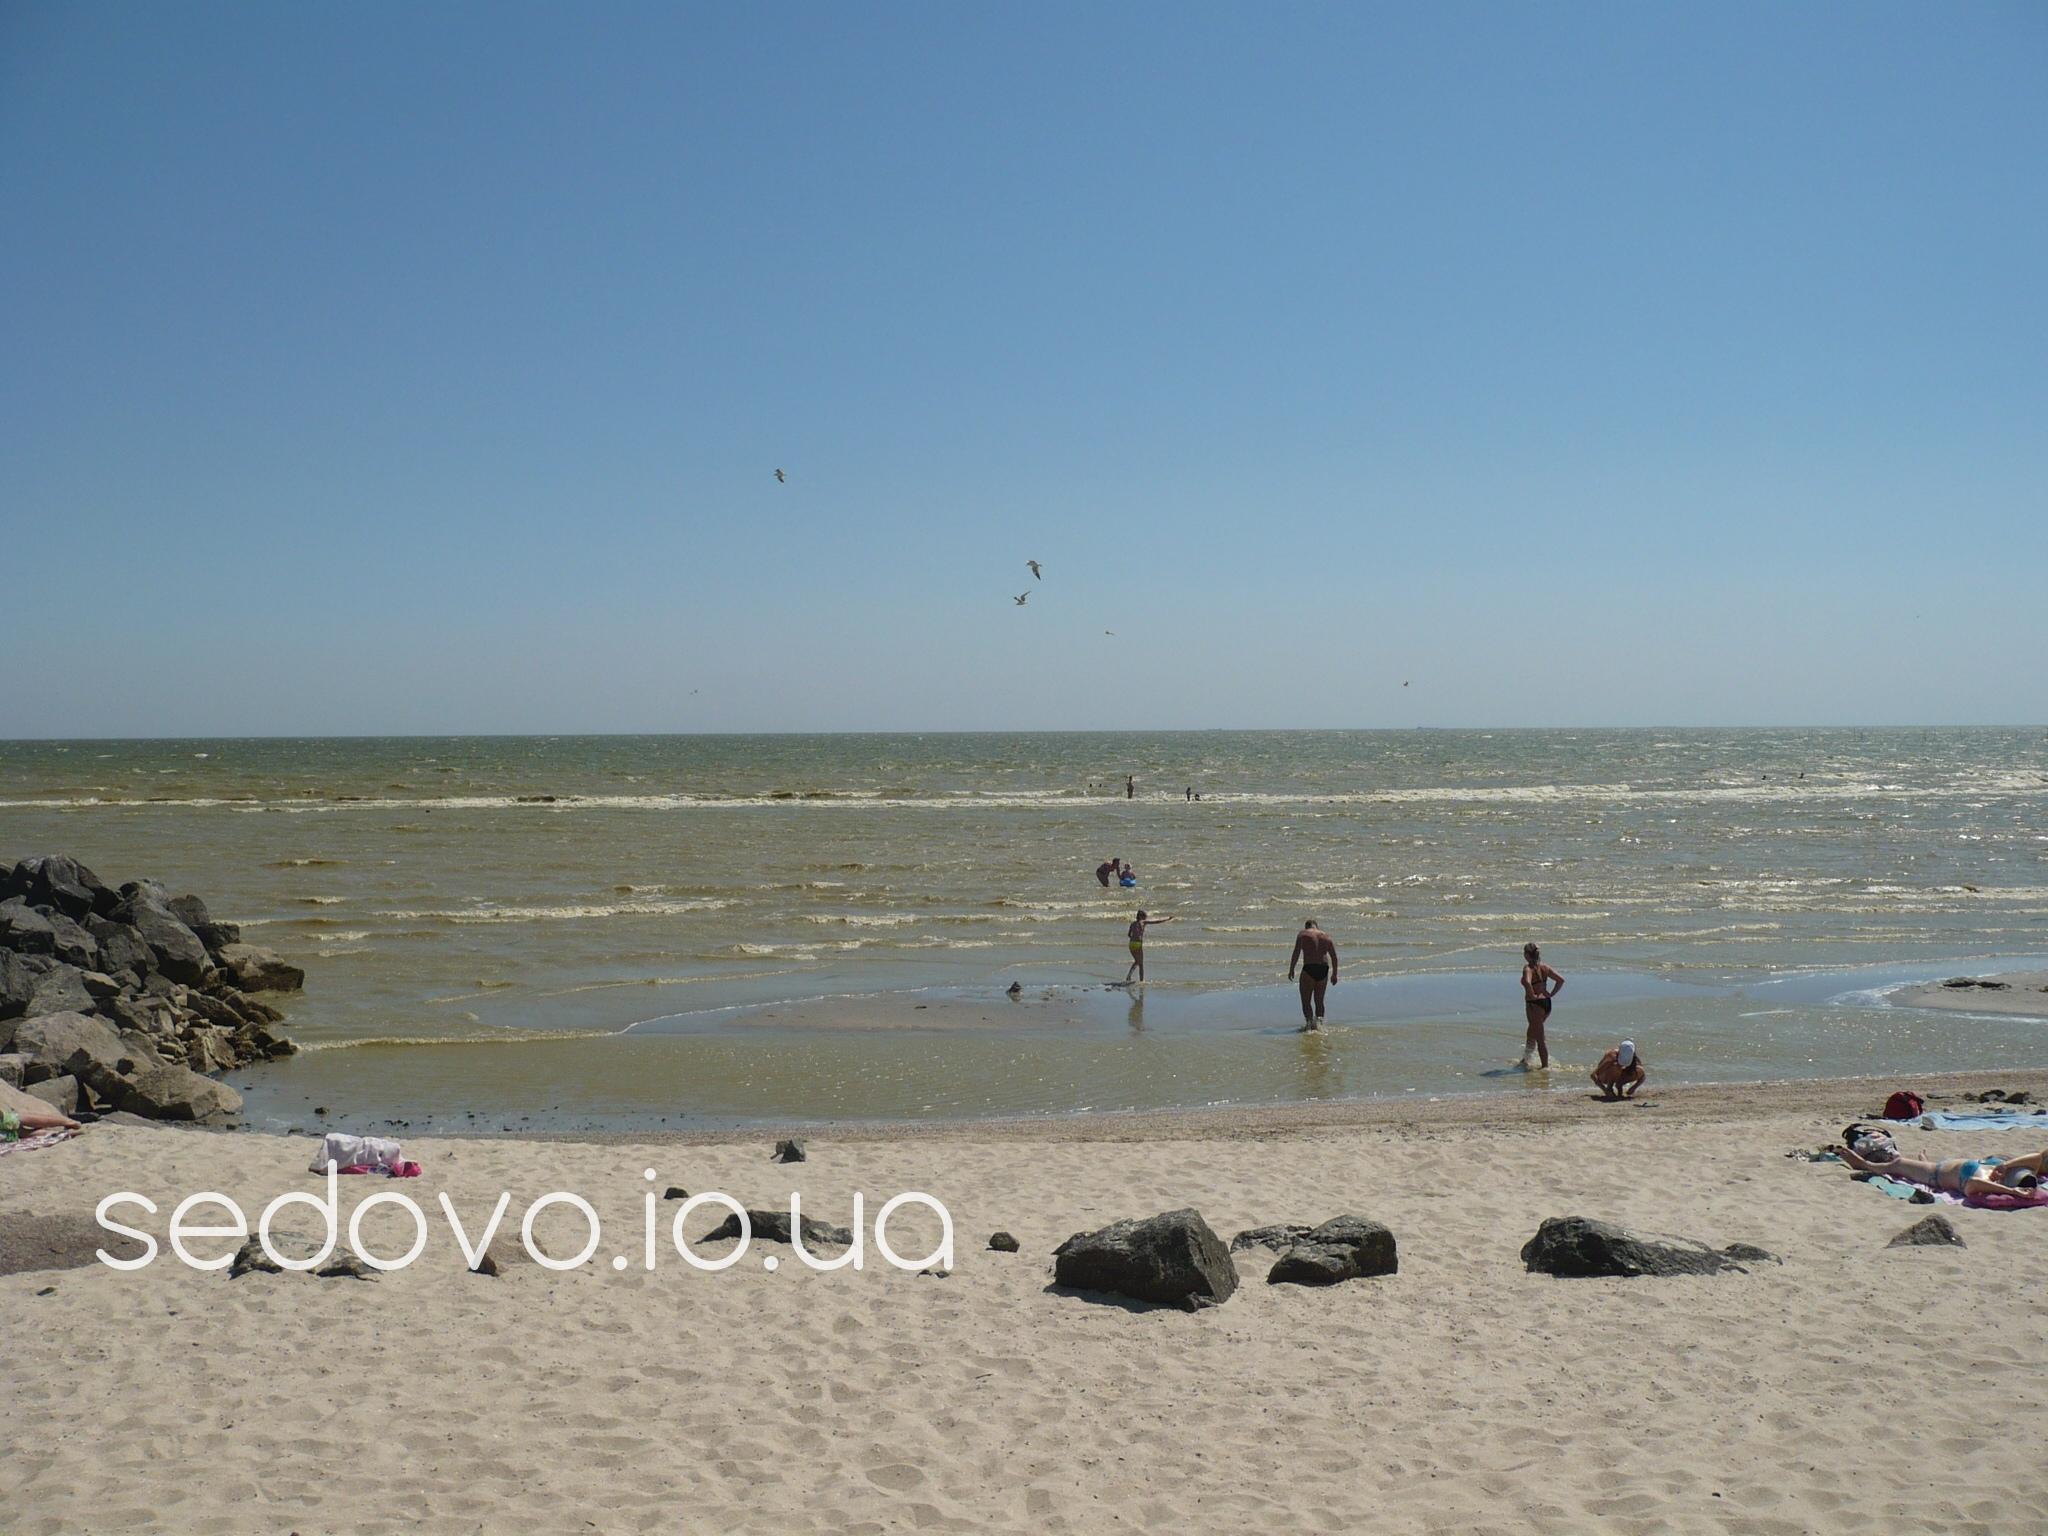 Отдых в Седово с детьми пляж развлечения цены